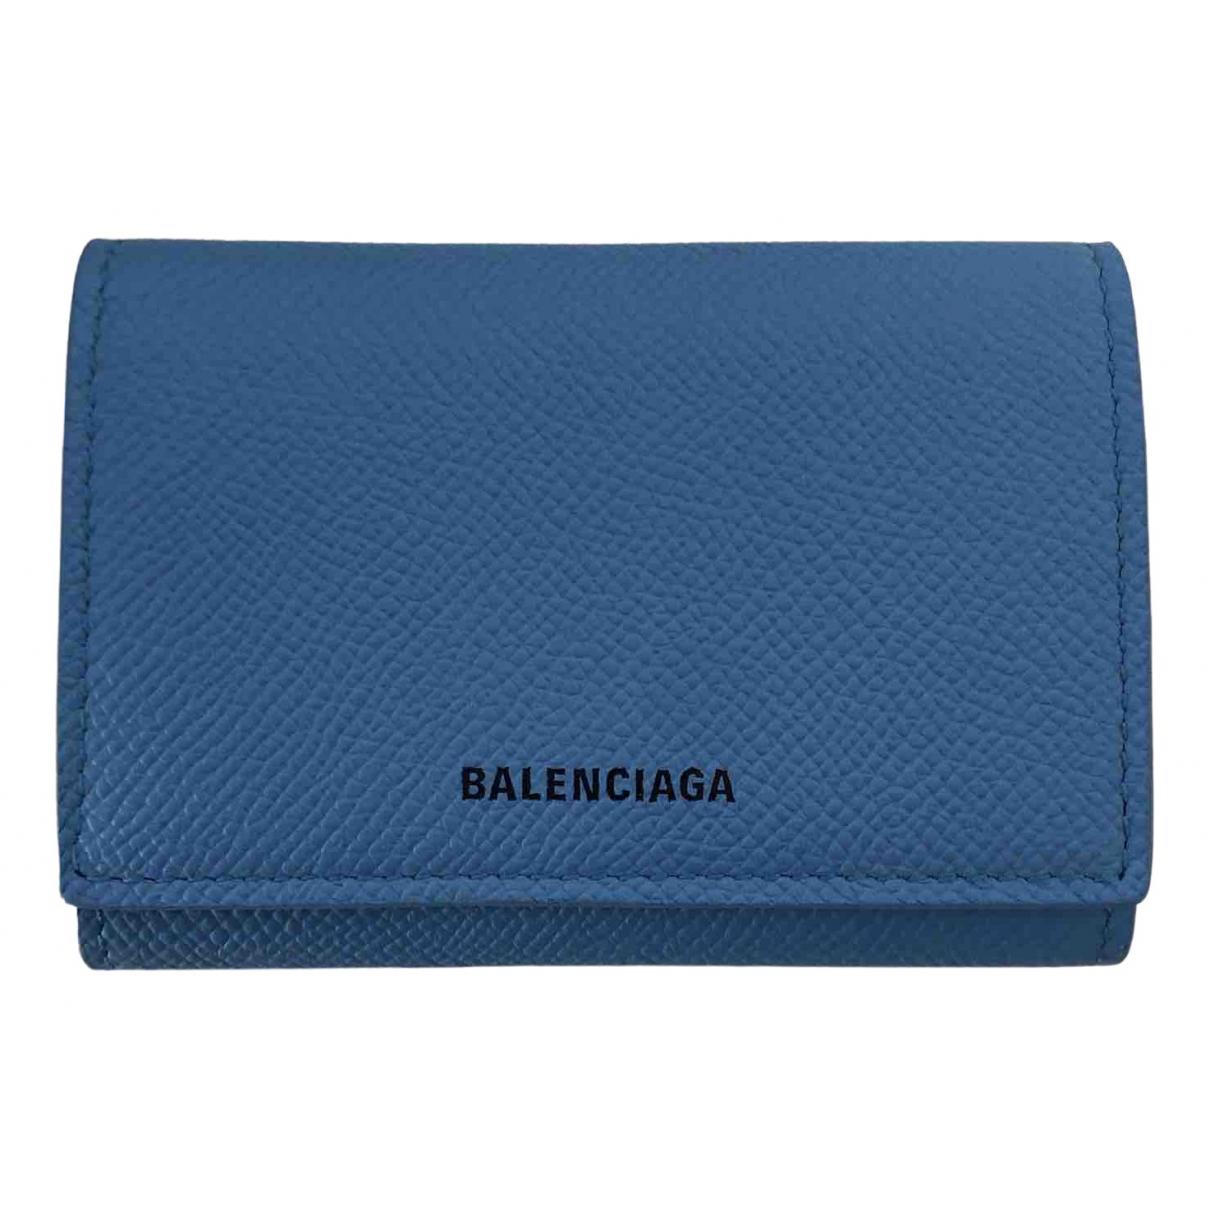 Balenciaga - Petite maroquinerie   pour femme en cuir - turquoise